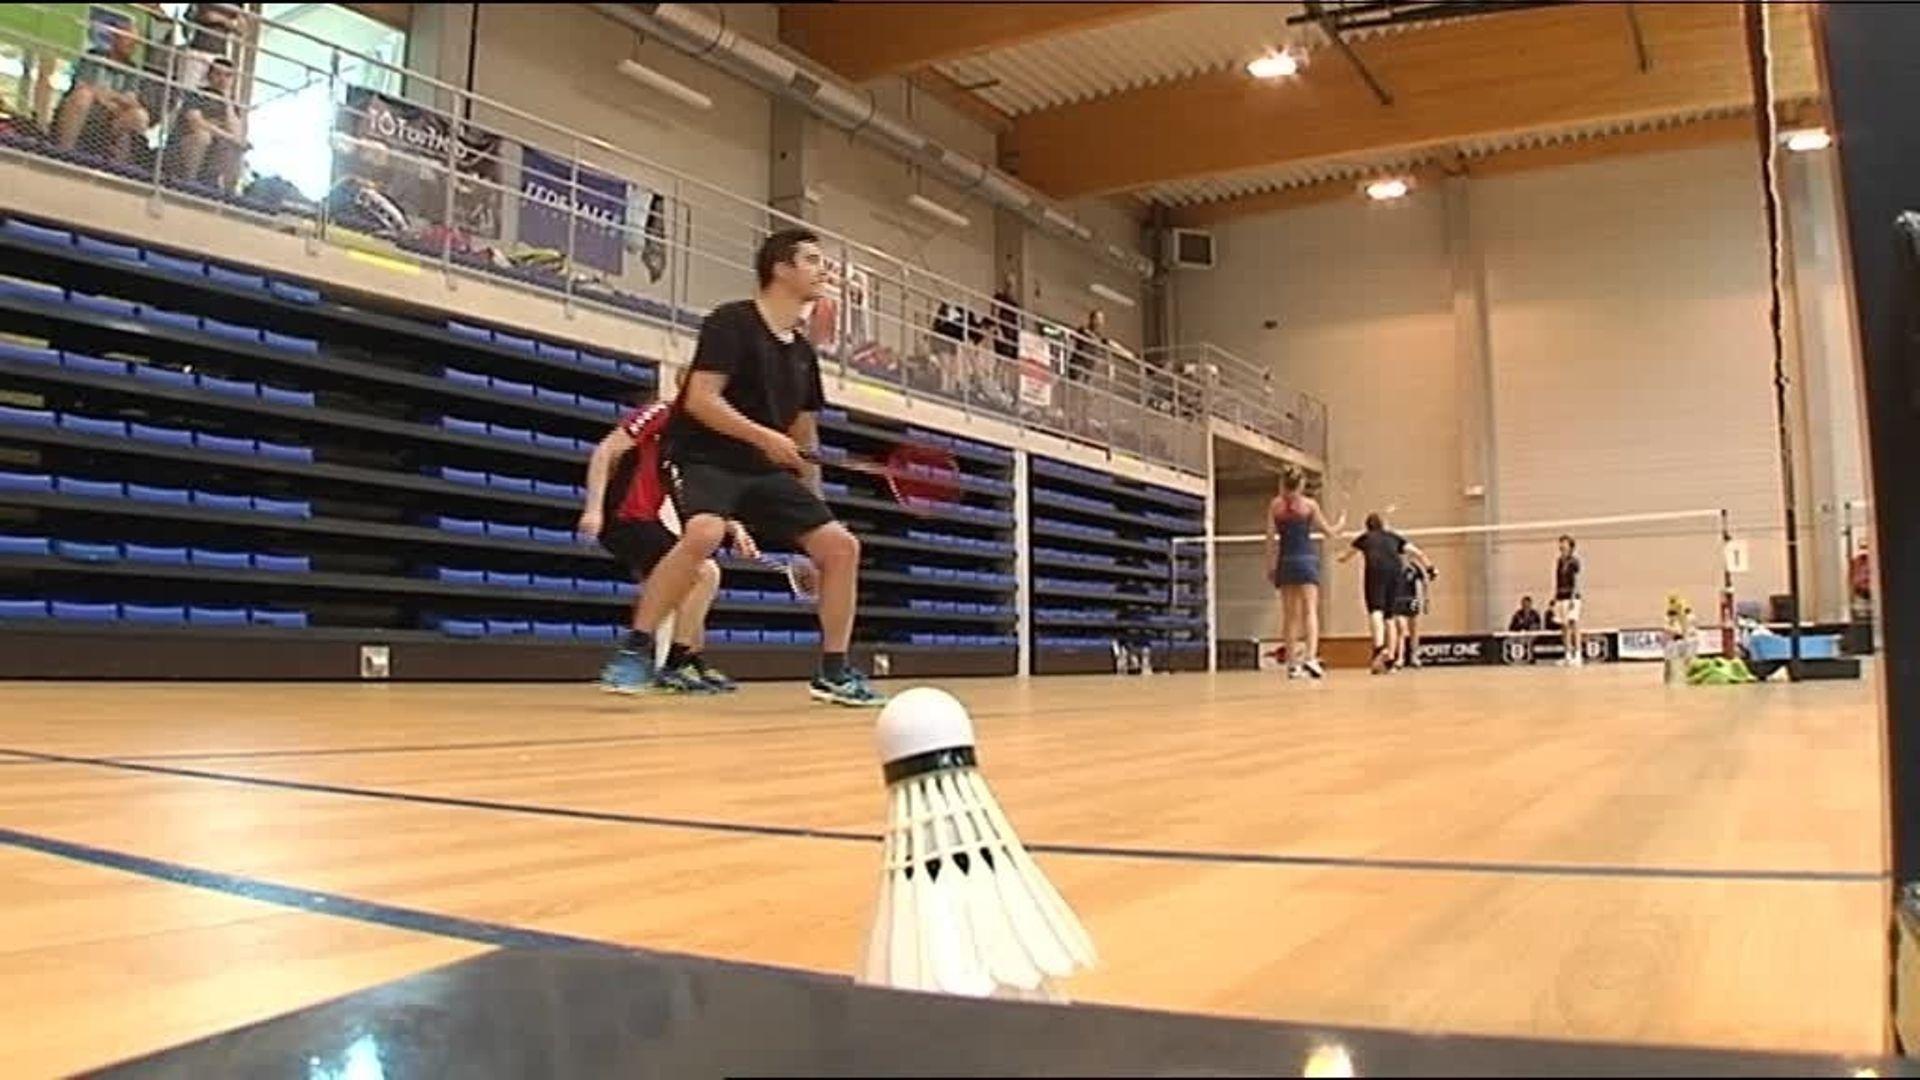 Comment Faire Pour Ouvrir Un Bowling https://www.rtbf.be/auvio/detail_en-quete-de-sens?id